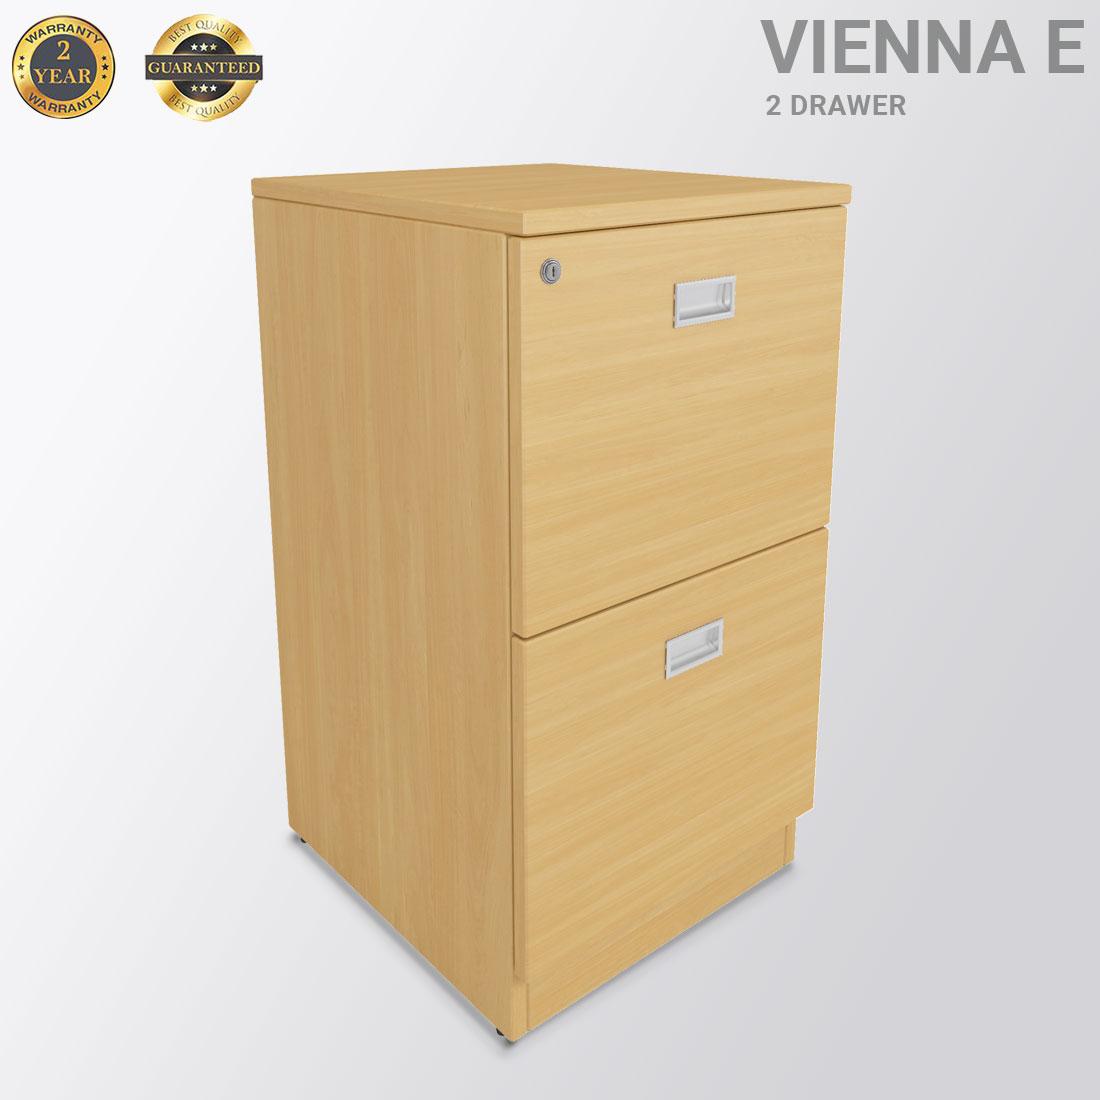 Vienna E